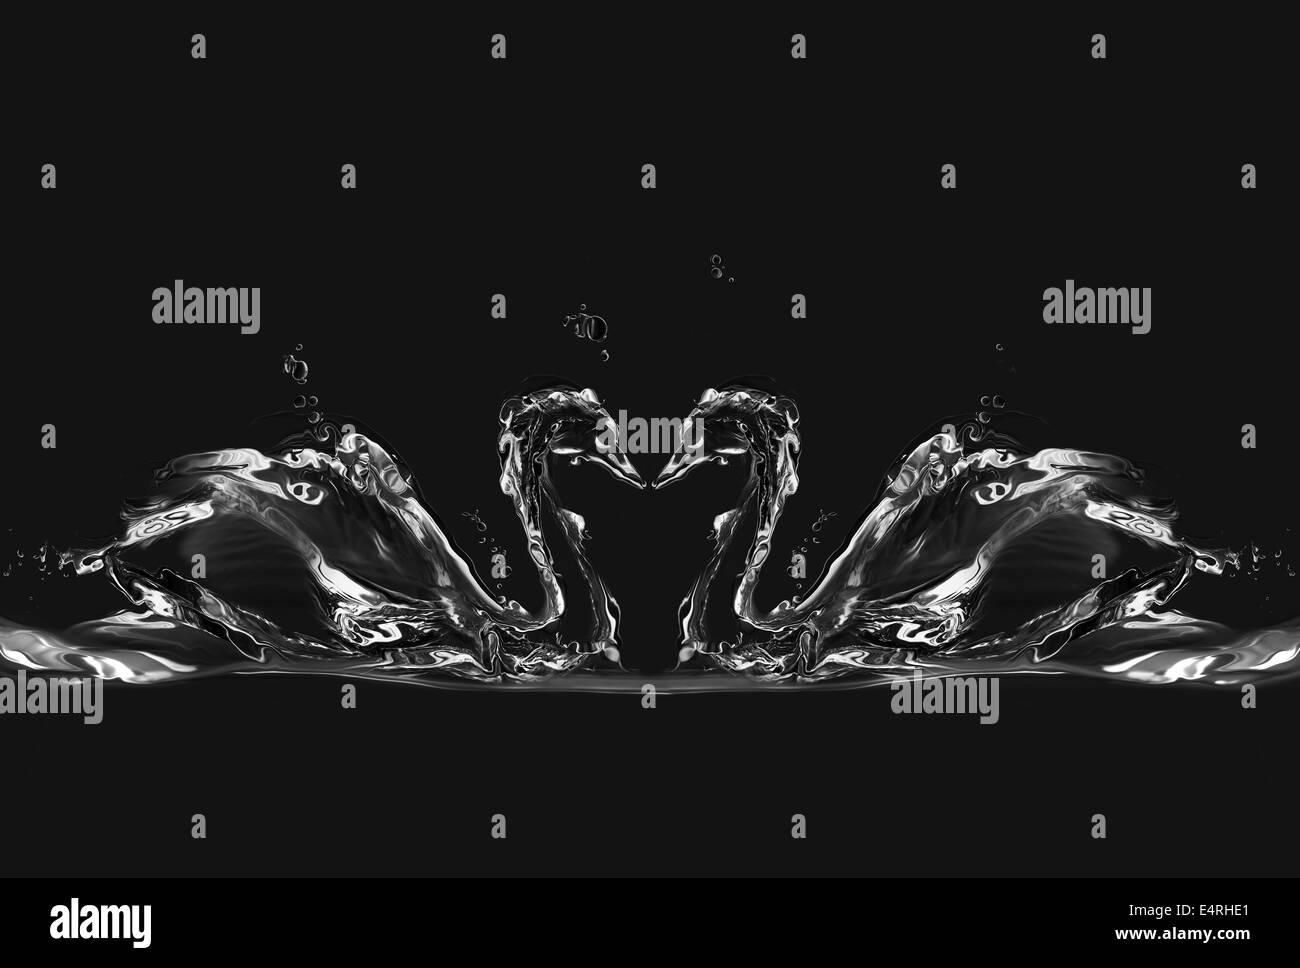 Silhouetten von zwei Wasser-Schwäne in der Liebe ein Herz zwischen ihnen bilden. Stockbild